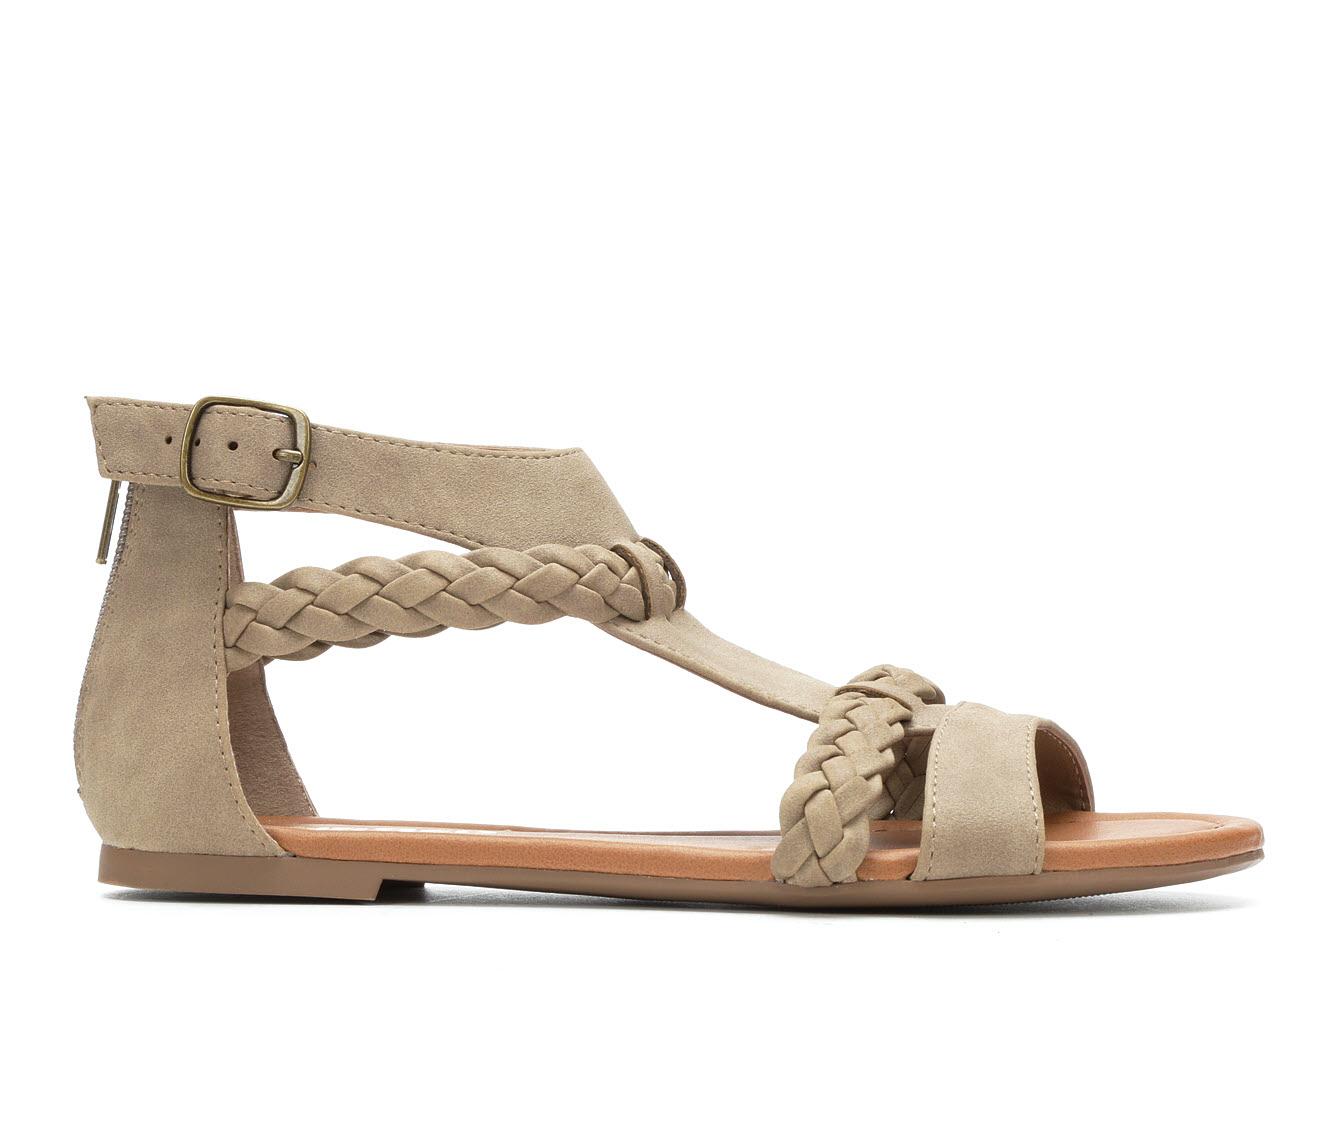 Unr8ed Scent Women's Sandal (Beige Faux Leather)